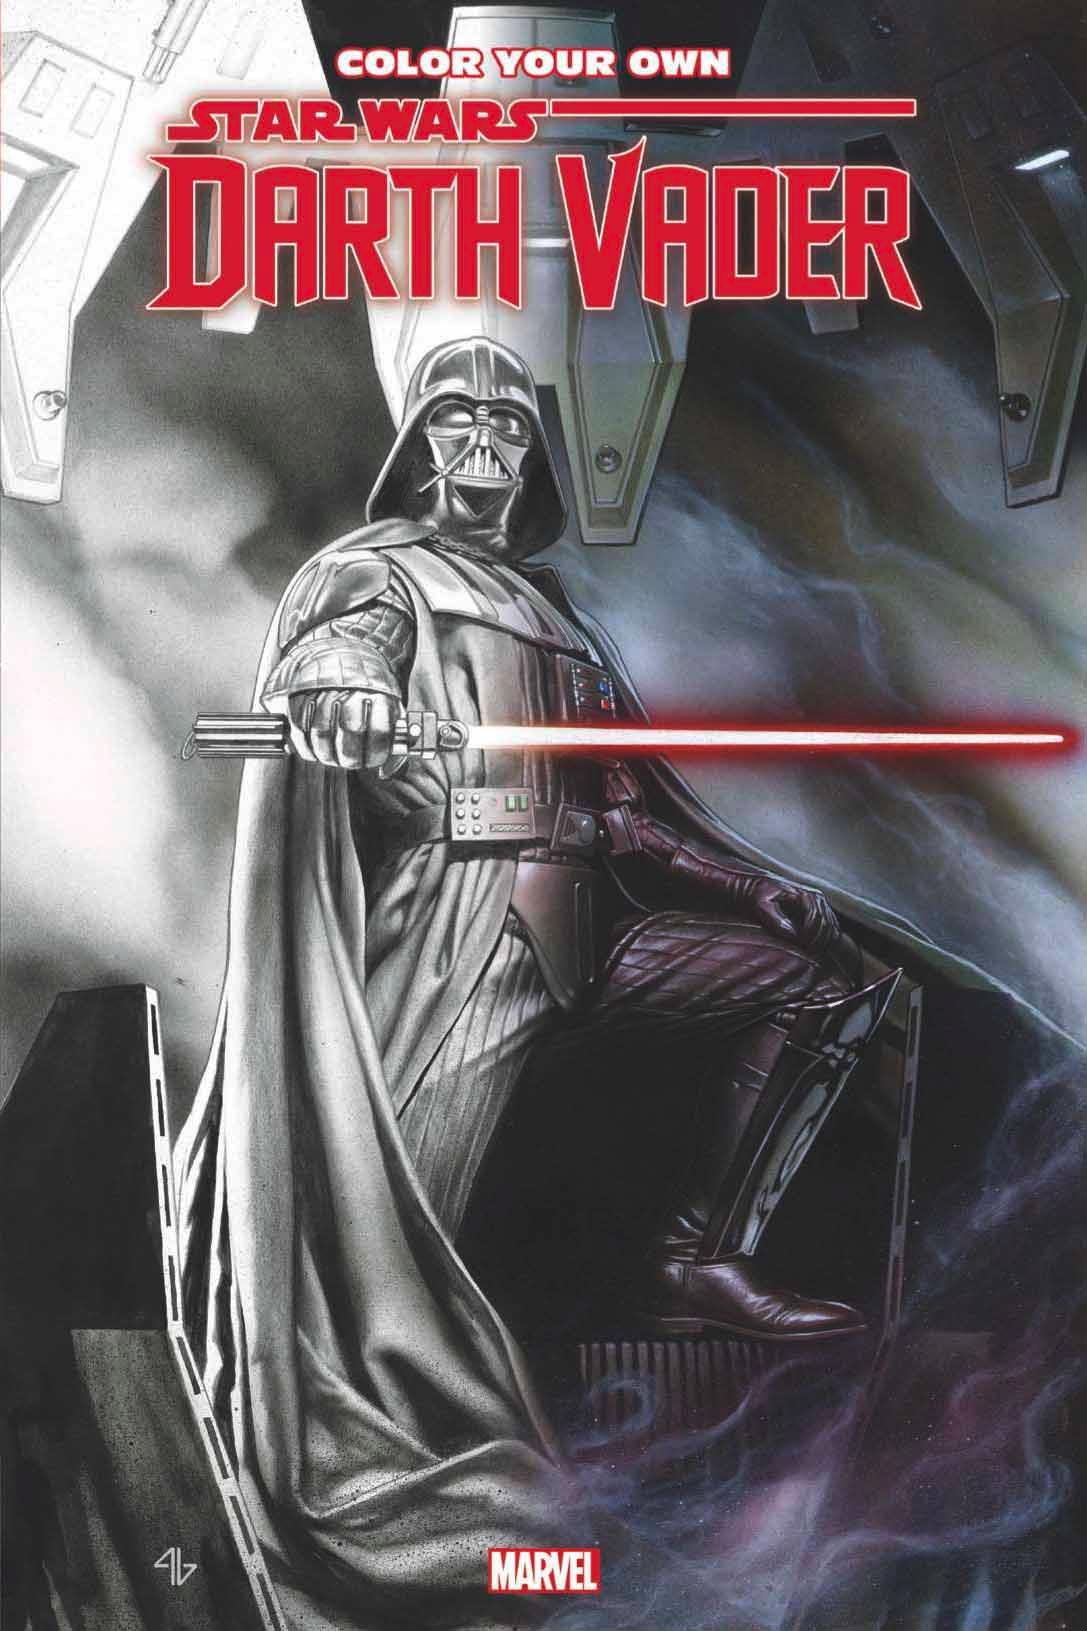 Marvel veröffentlicht im September ein Darth Vader-Comic-Malbuch ...